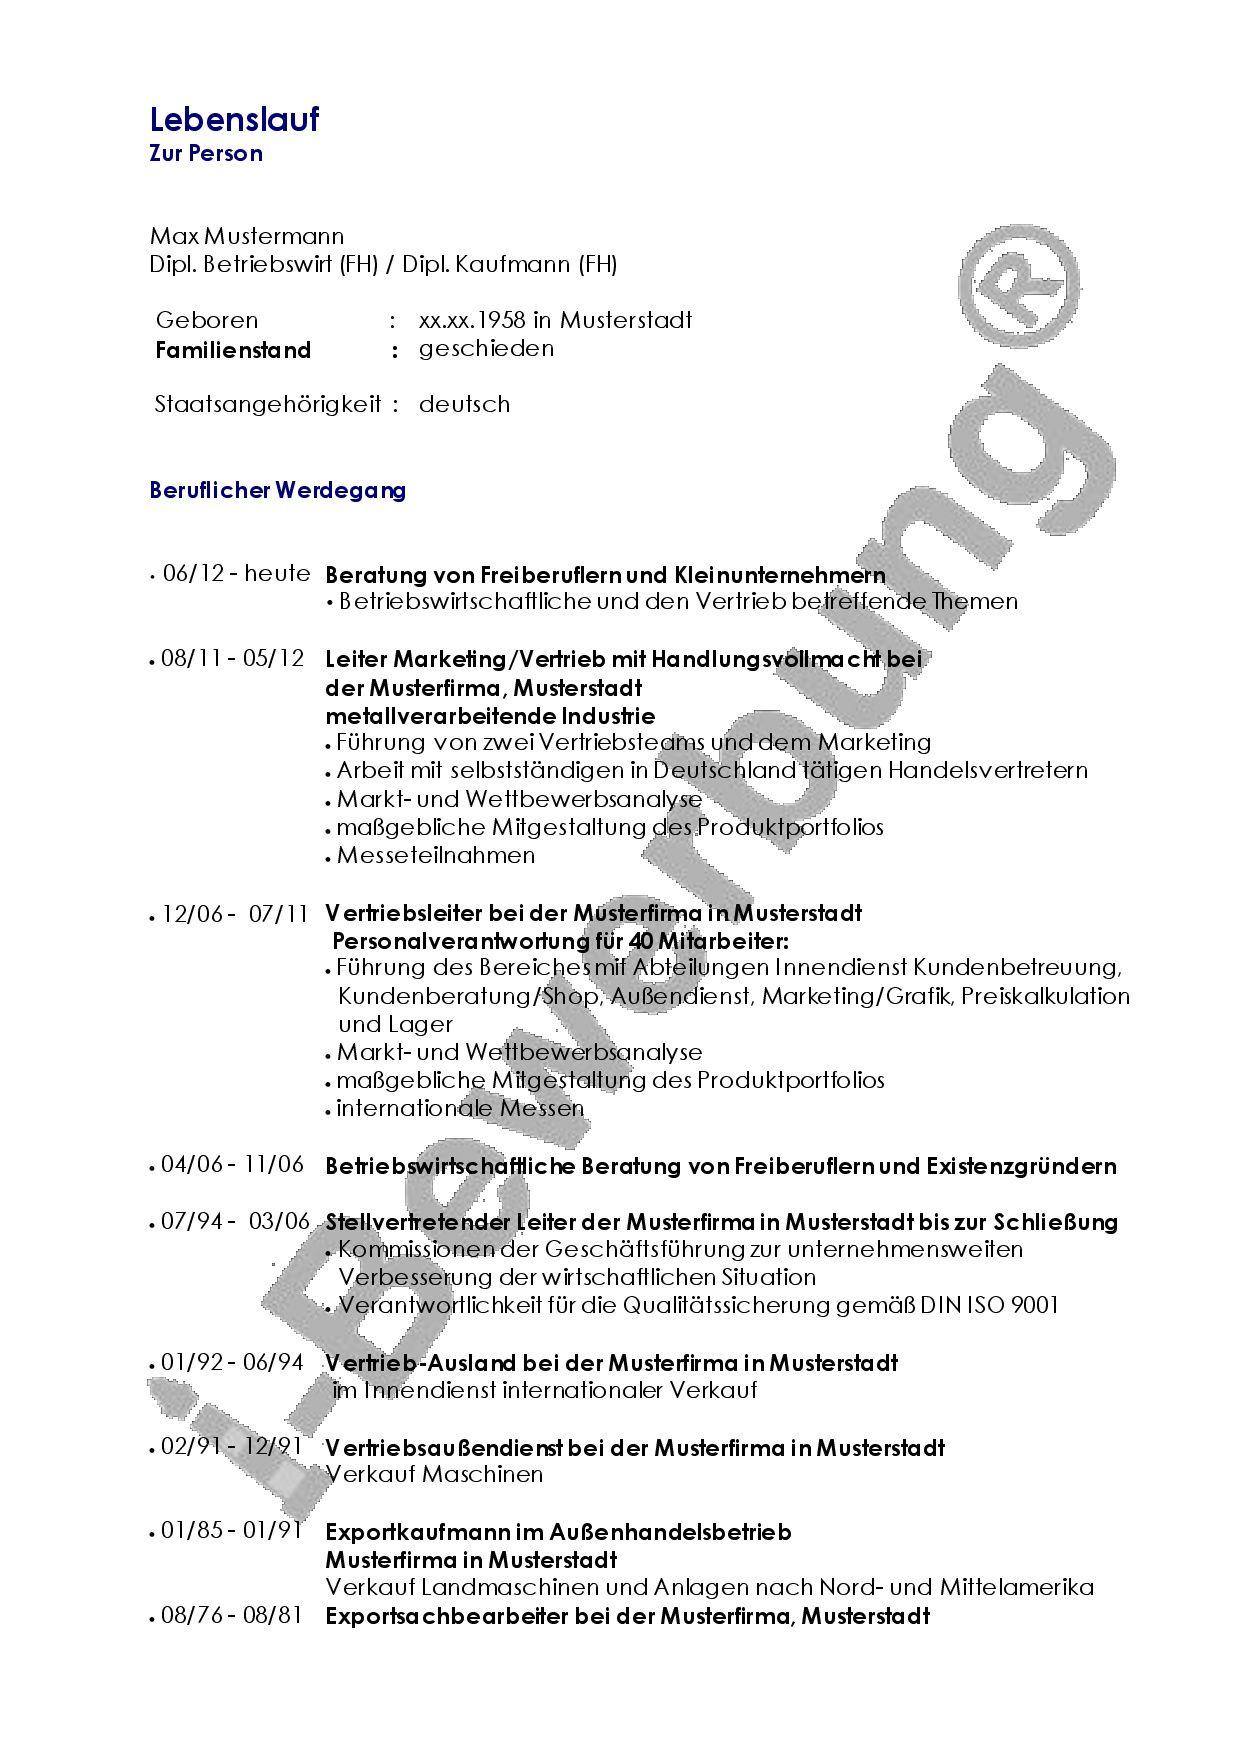 Lebenslauf Vorlage Zur Initativbewerbung Als Vertriebsleiter Lebenslauf Lebenslauf Beispiele Beruflicher Werdegang